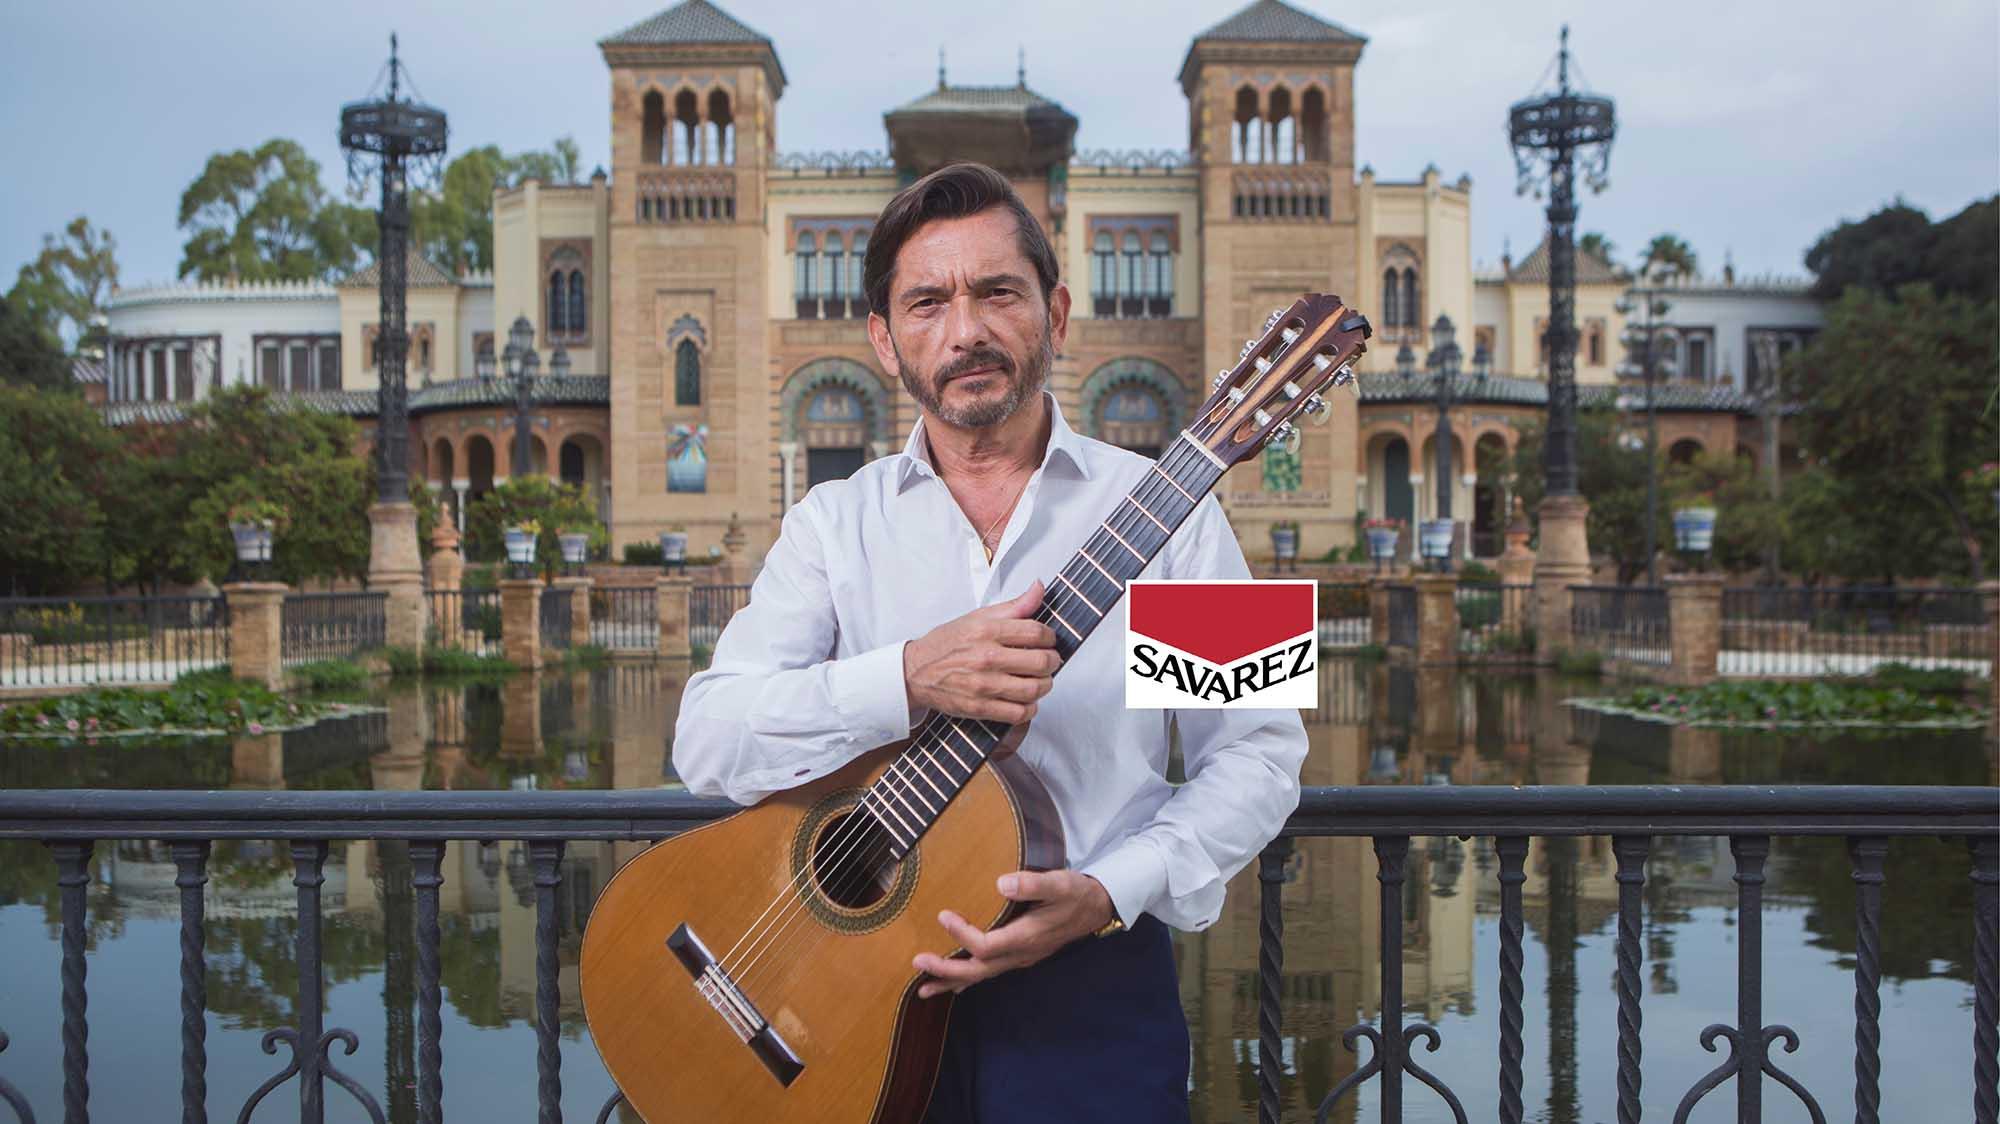 Jose Maria Gallardo Del Rey. Lo Cortes No Quita Lo Gallardo tour 2020